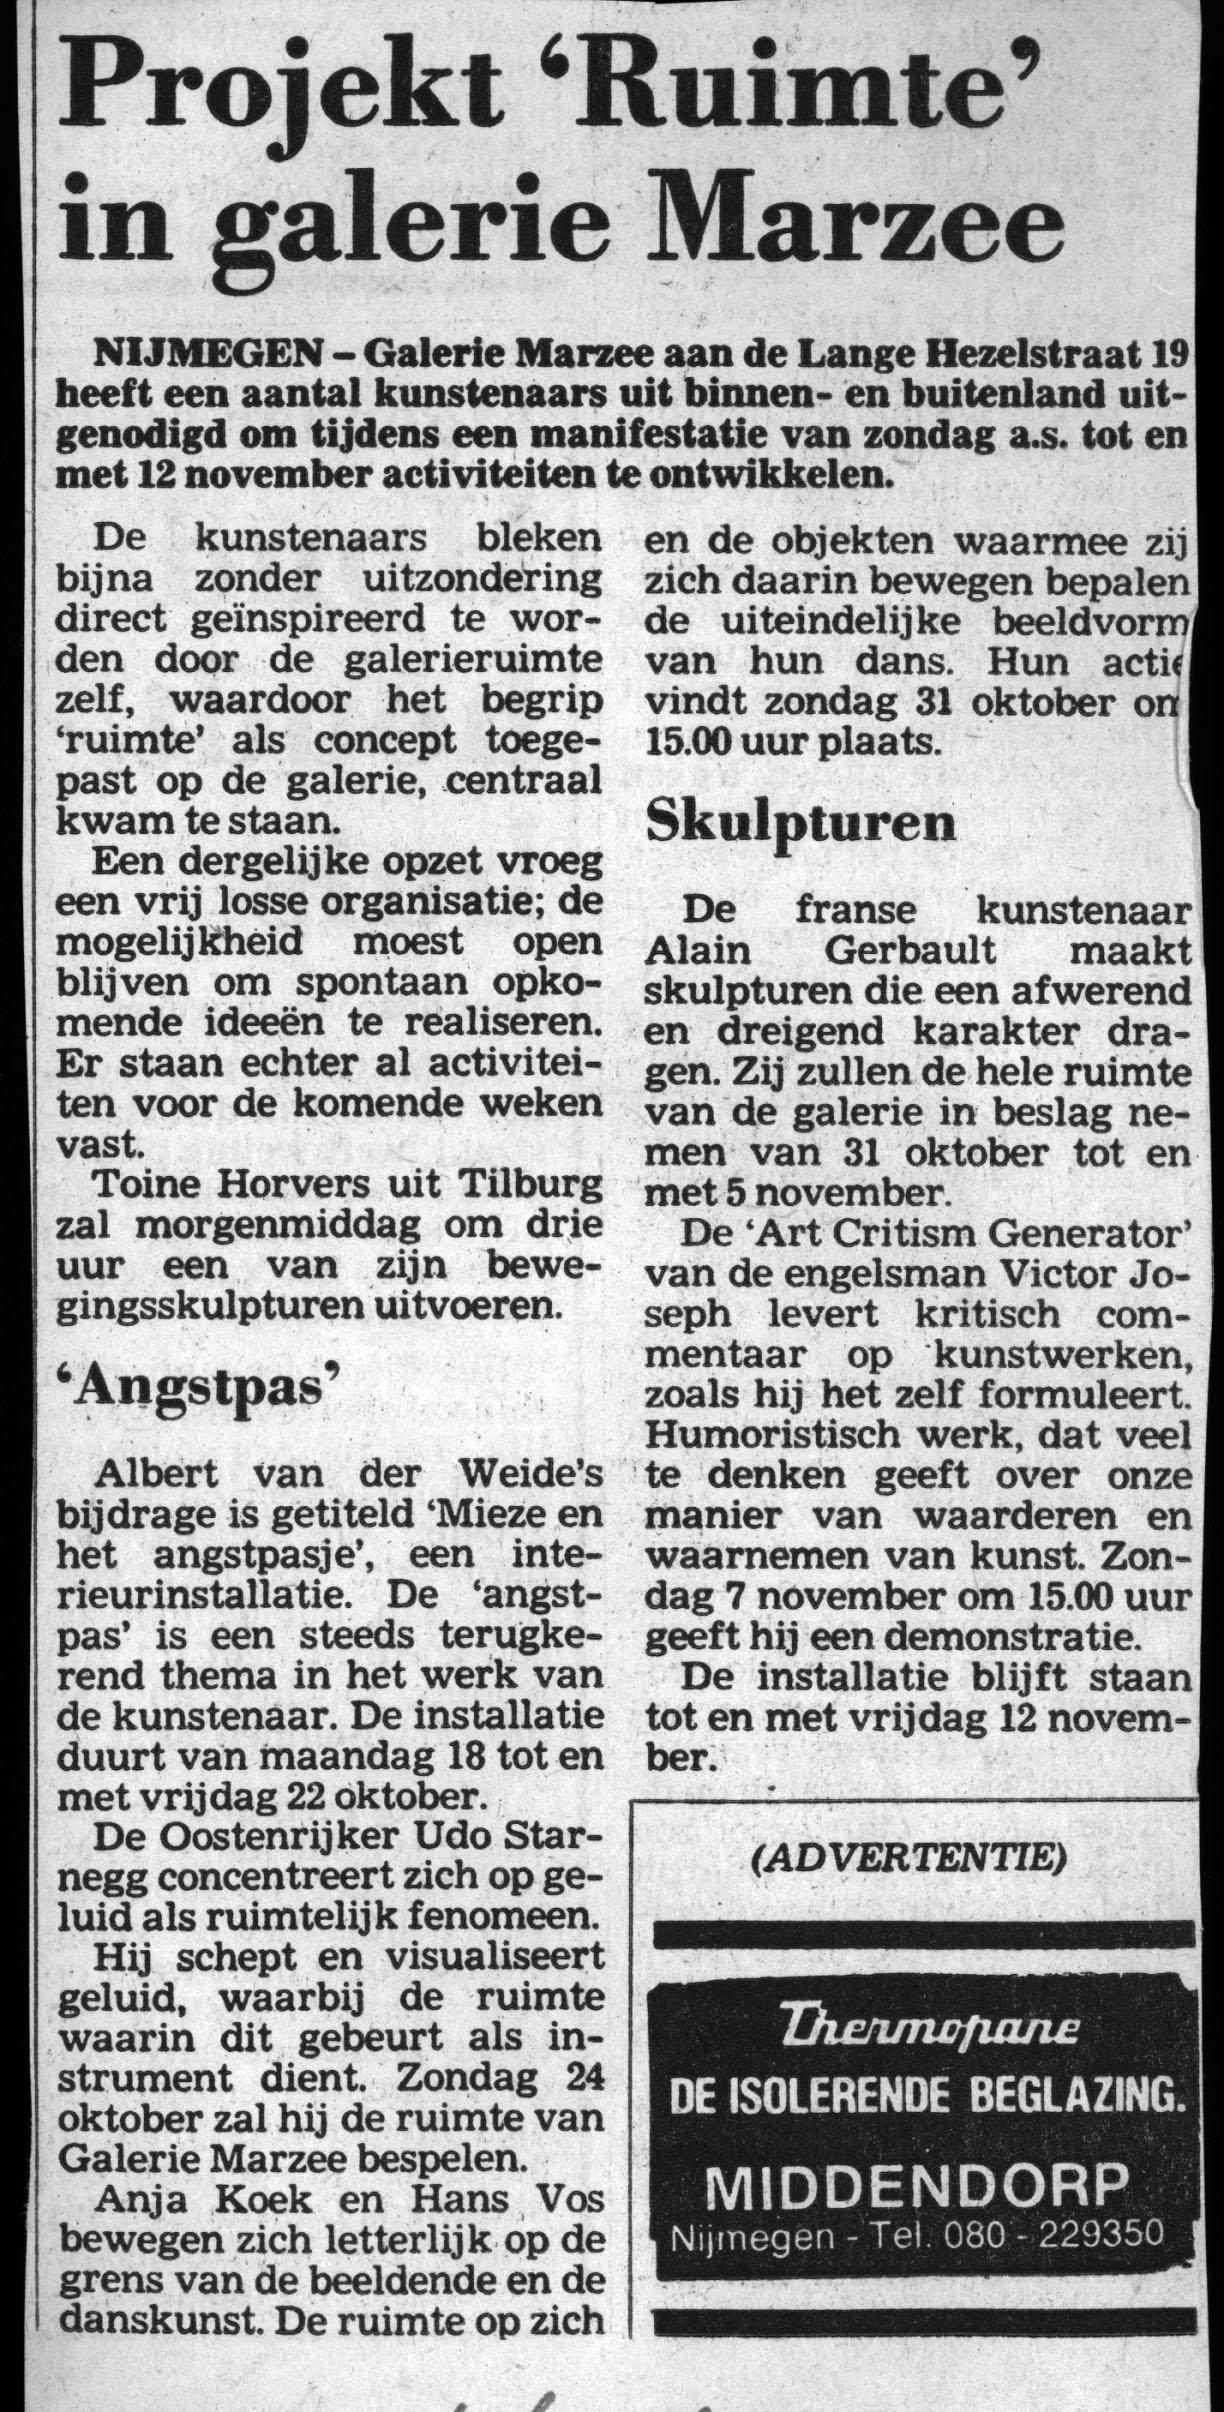 Projekt 'Ruimte' in Galerie Marzee, De Gelderlander, 16 oktober 1982, krant, drukwerk, papier